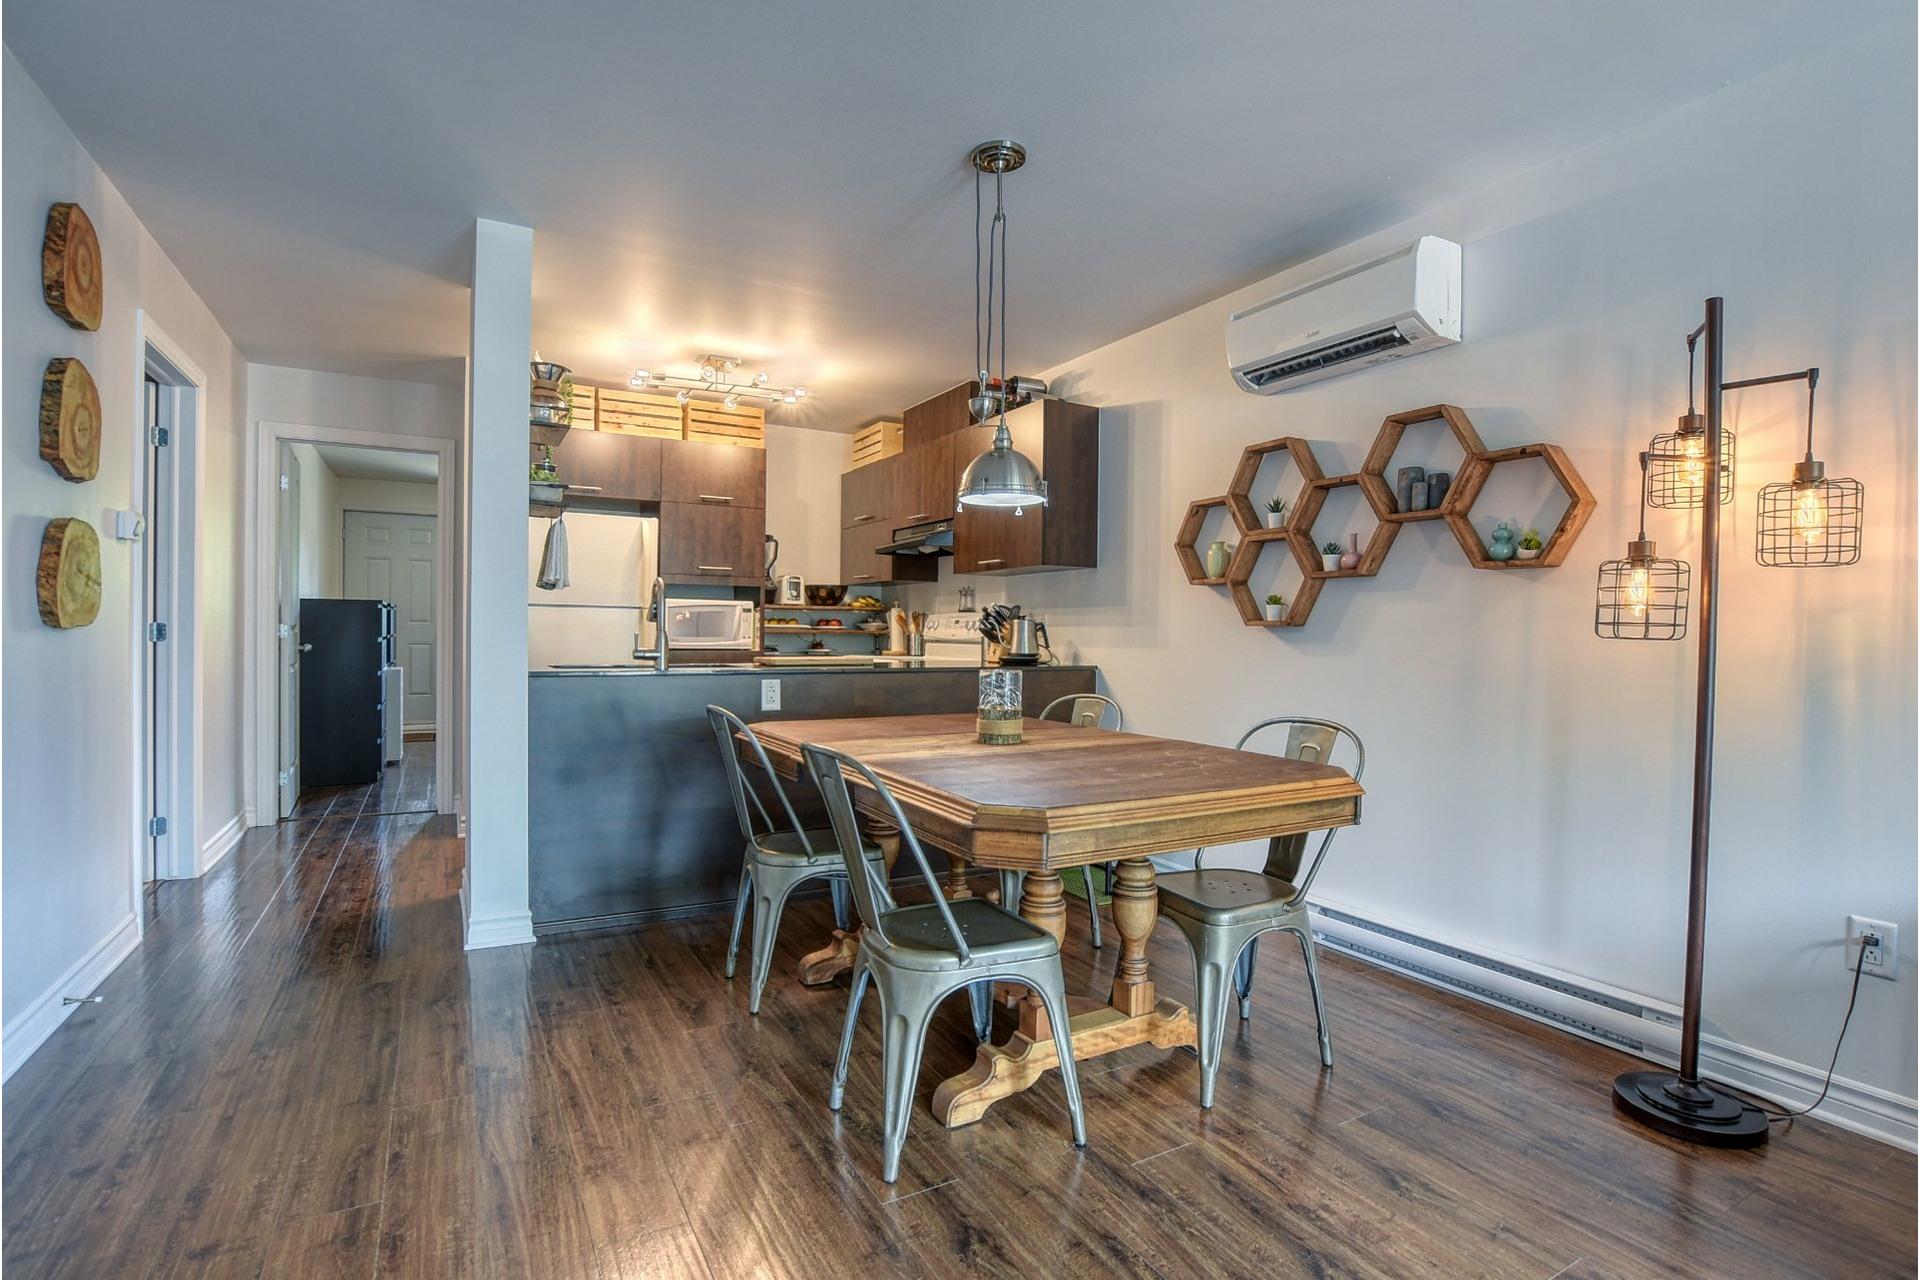 image 4 - Appartement À vendre Laval-des-Rapides Laval  - 6 pièces